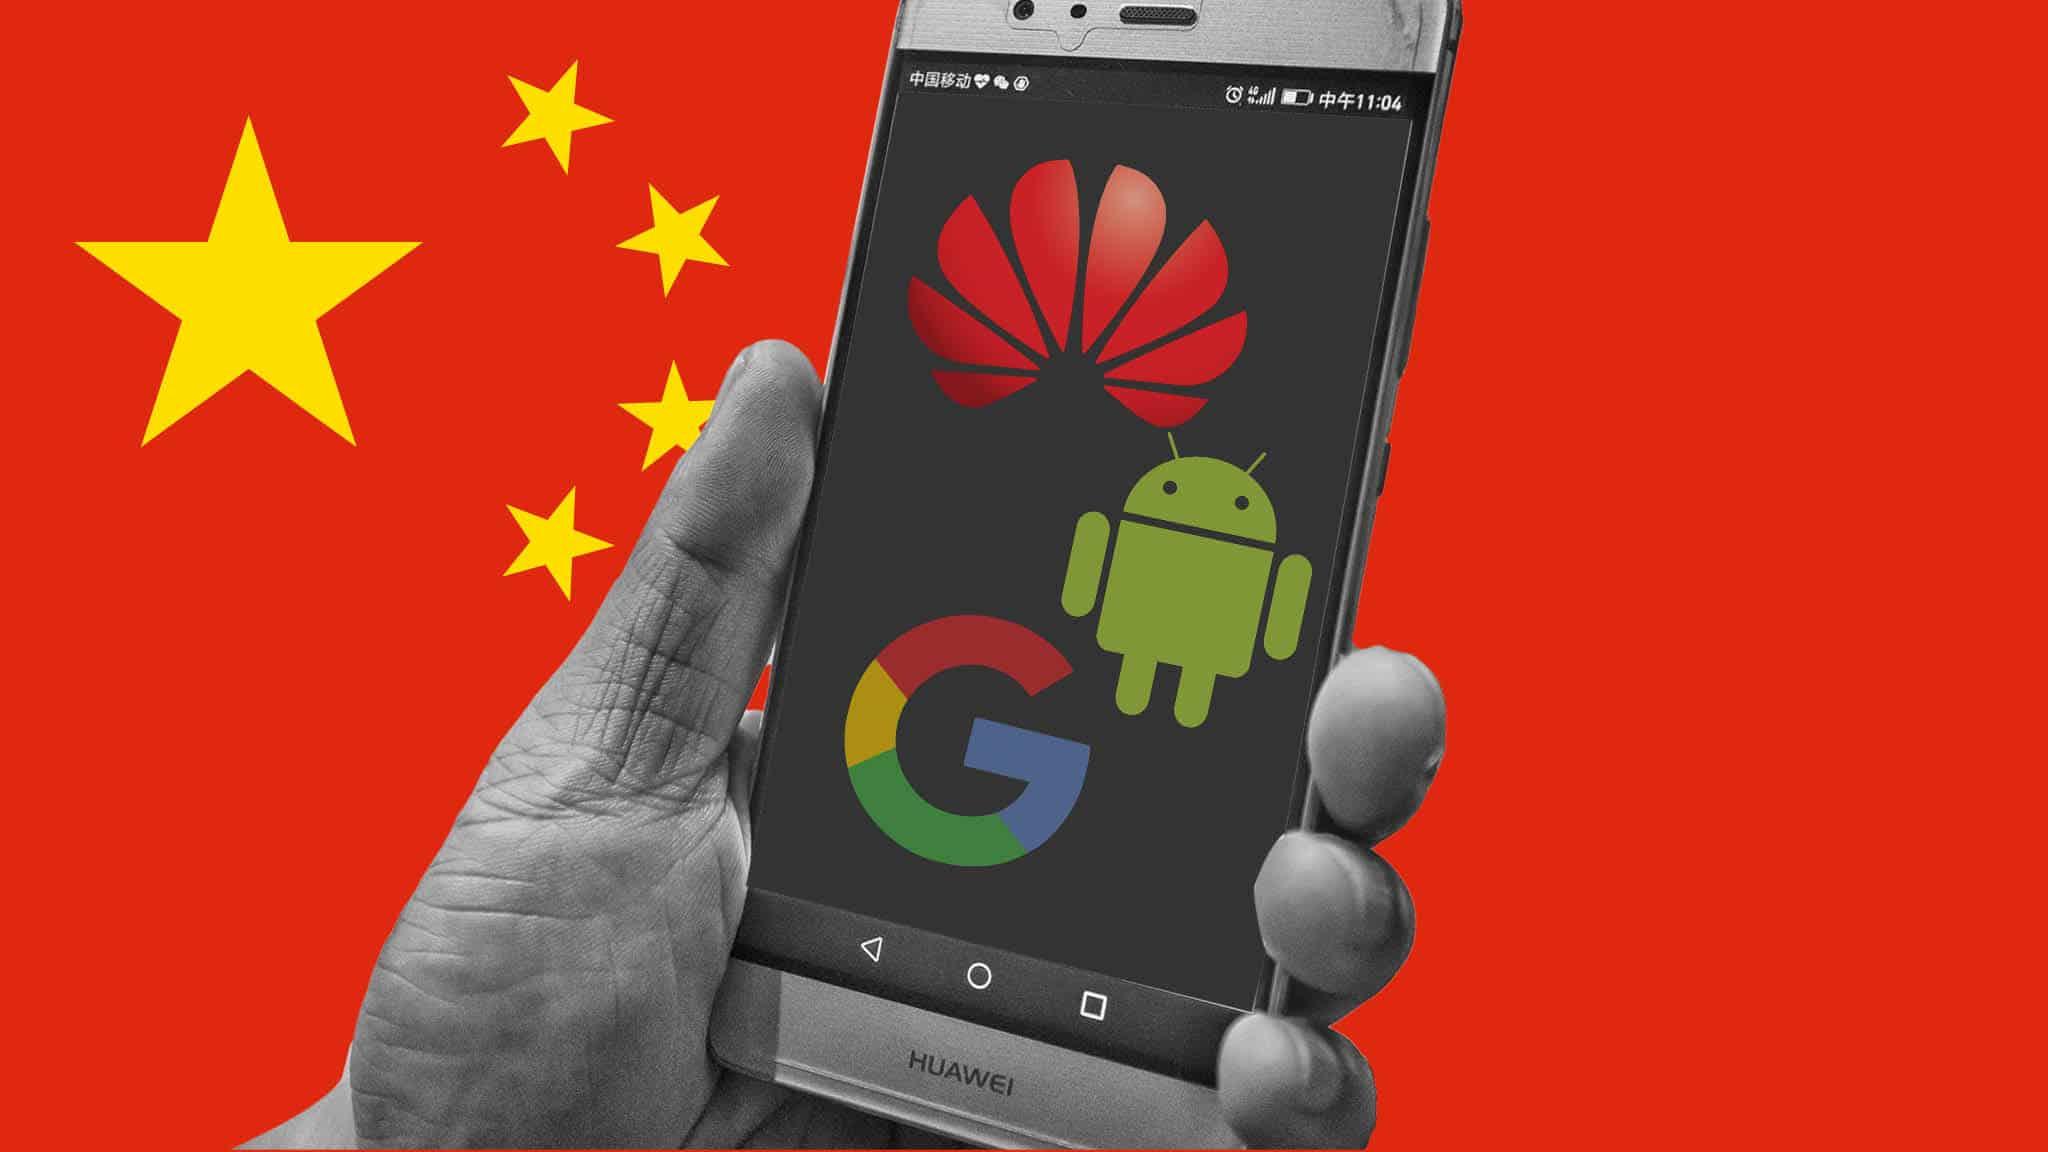 На днях китайский производитель смартфонов – компания Huawei представил смартфон Honor 20i Не успели поклонники бренда осознать все достоинства новинки как появляется